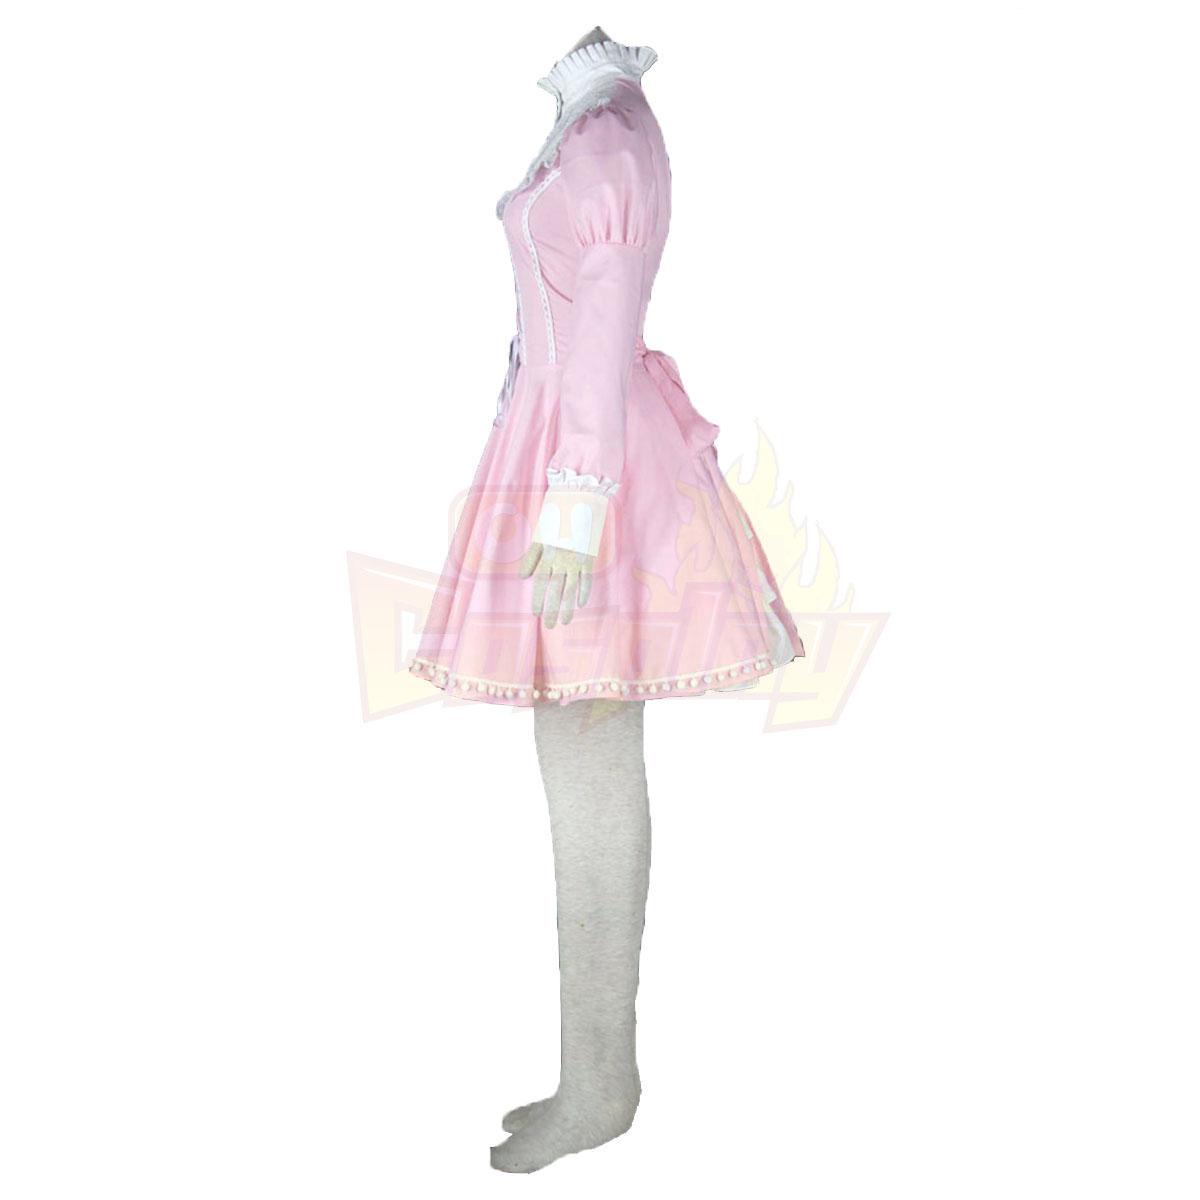 لوليتا فاخرة الثقافة الوردي ضجيج فساتين قصيرة كوزبلاي ازياء